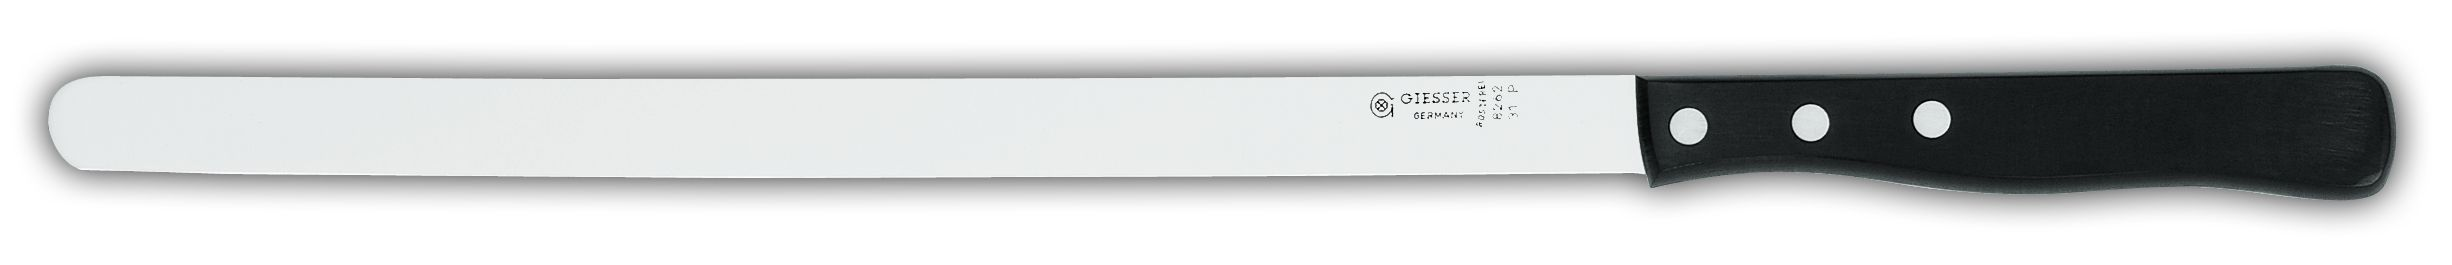 Рыбный нож для разделки ножи охотничьи cold steel